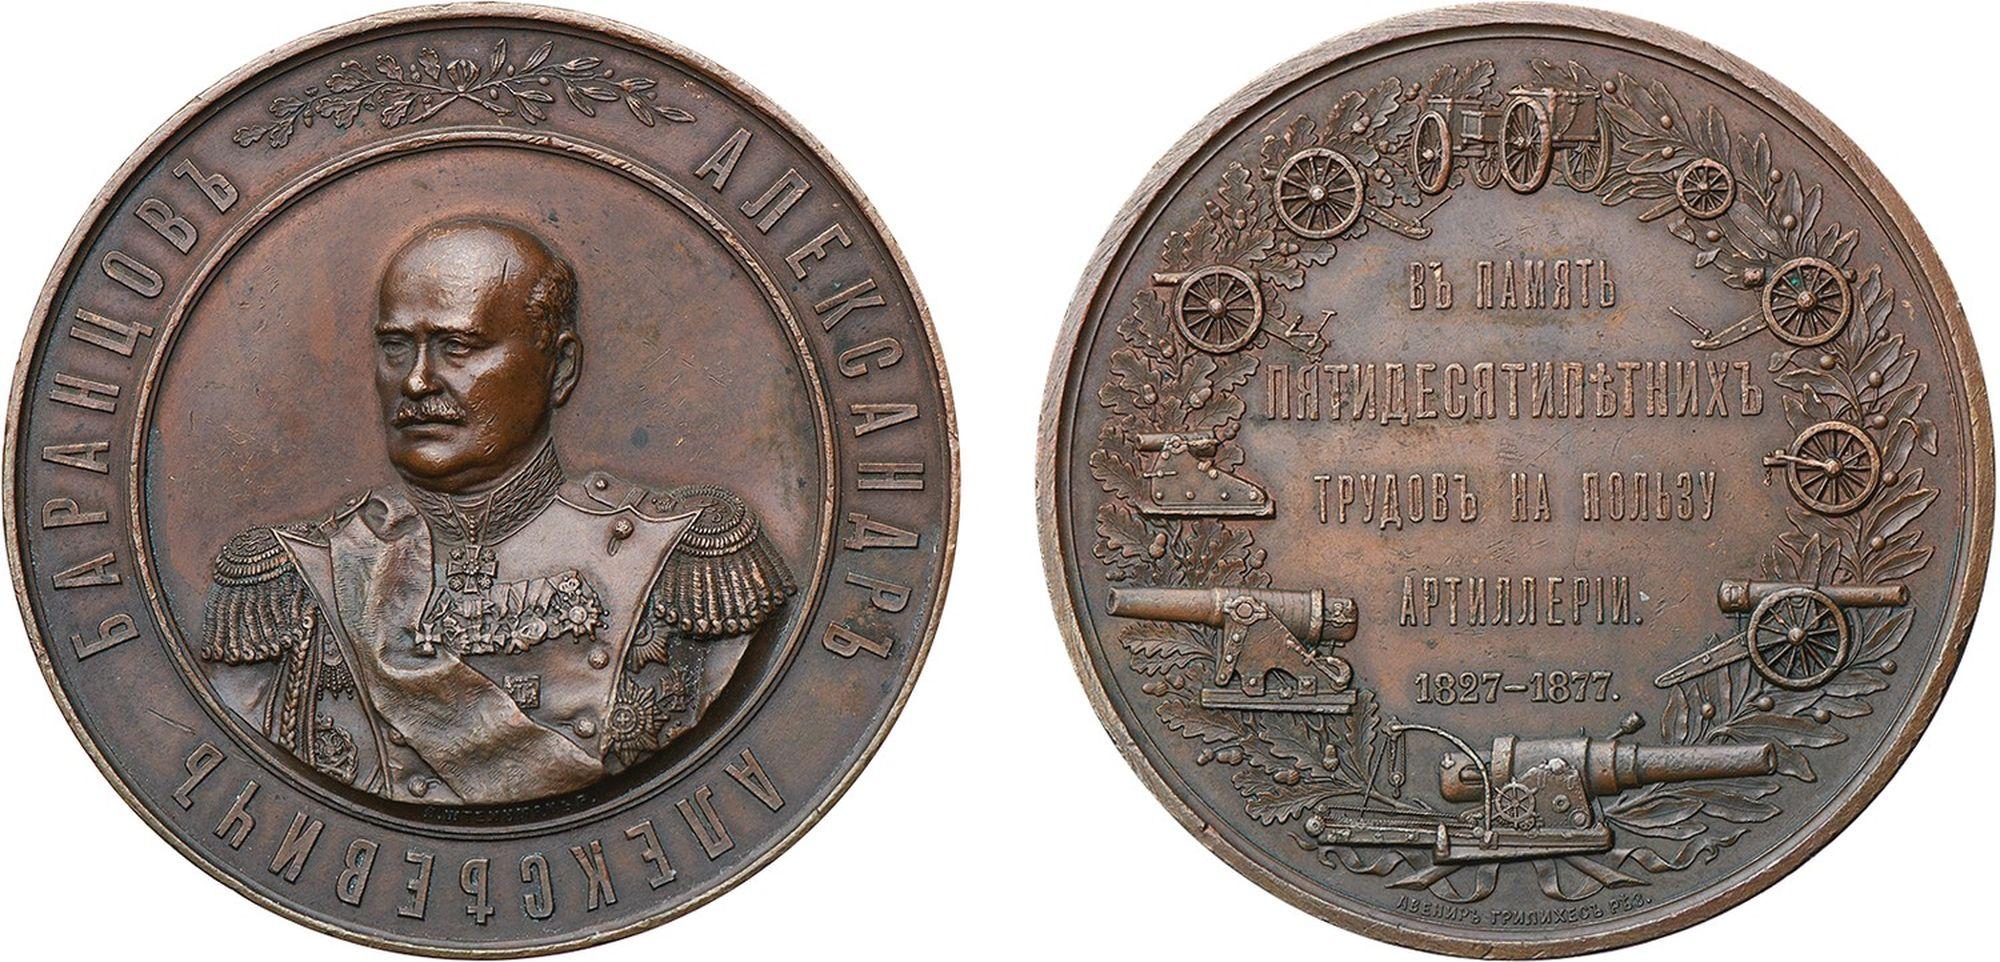 Настольная медаль «В память 50-летия службы генерала А. А. Баранцева. 1827-1877 гг.»